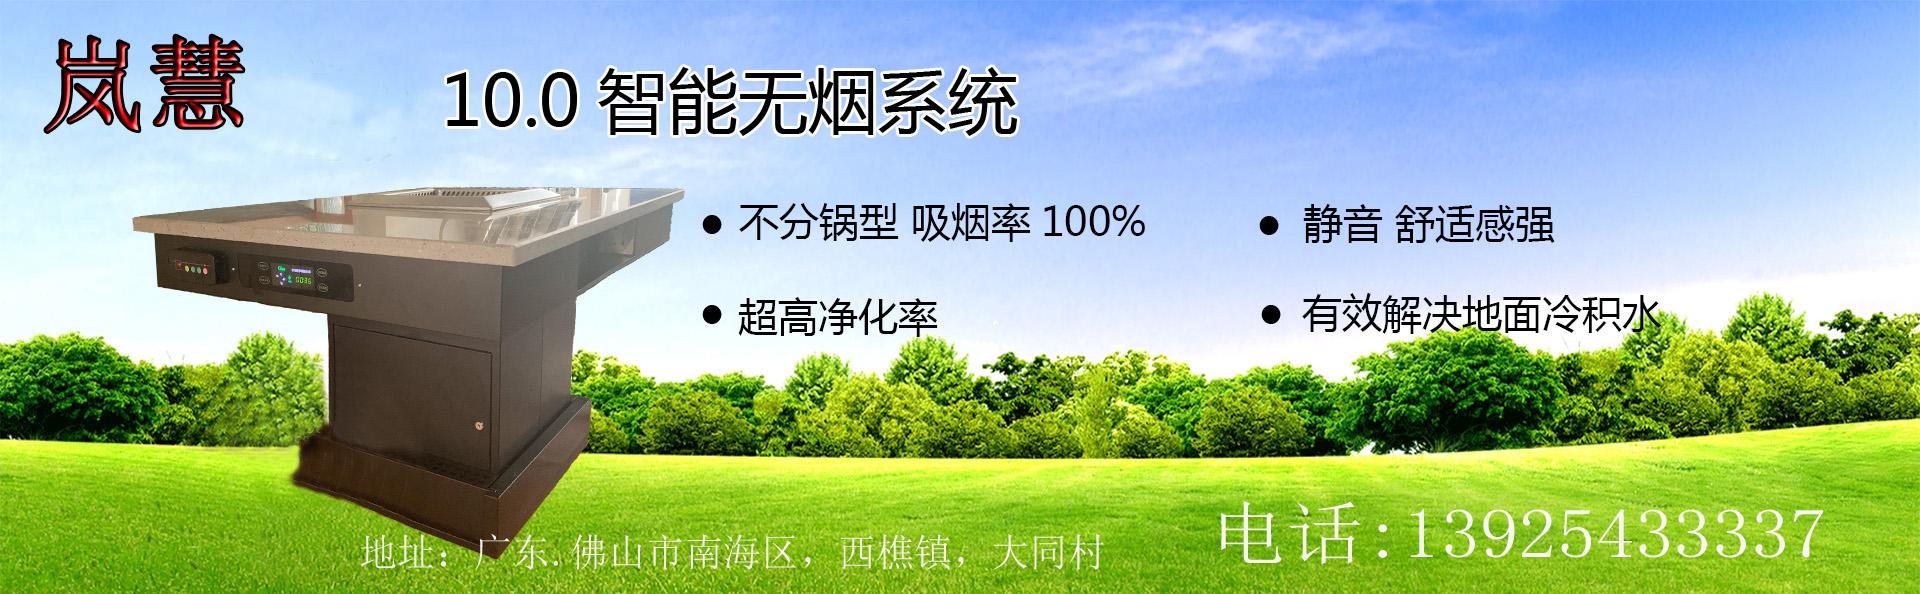 千亿ti育无烟火锅zhuo椅公司